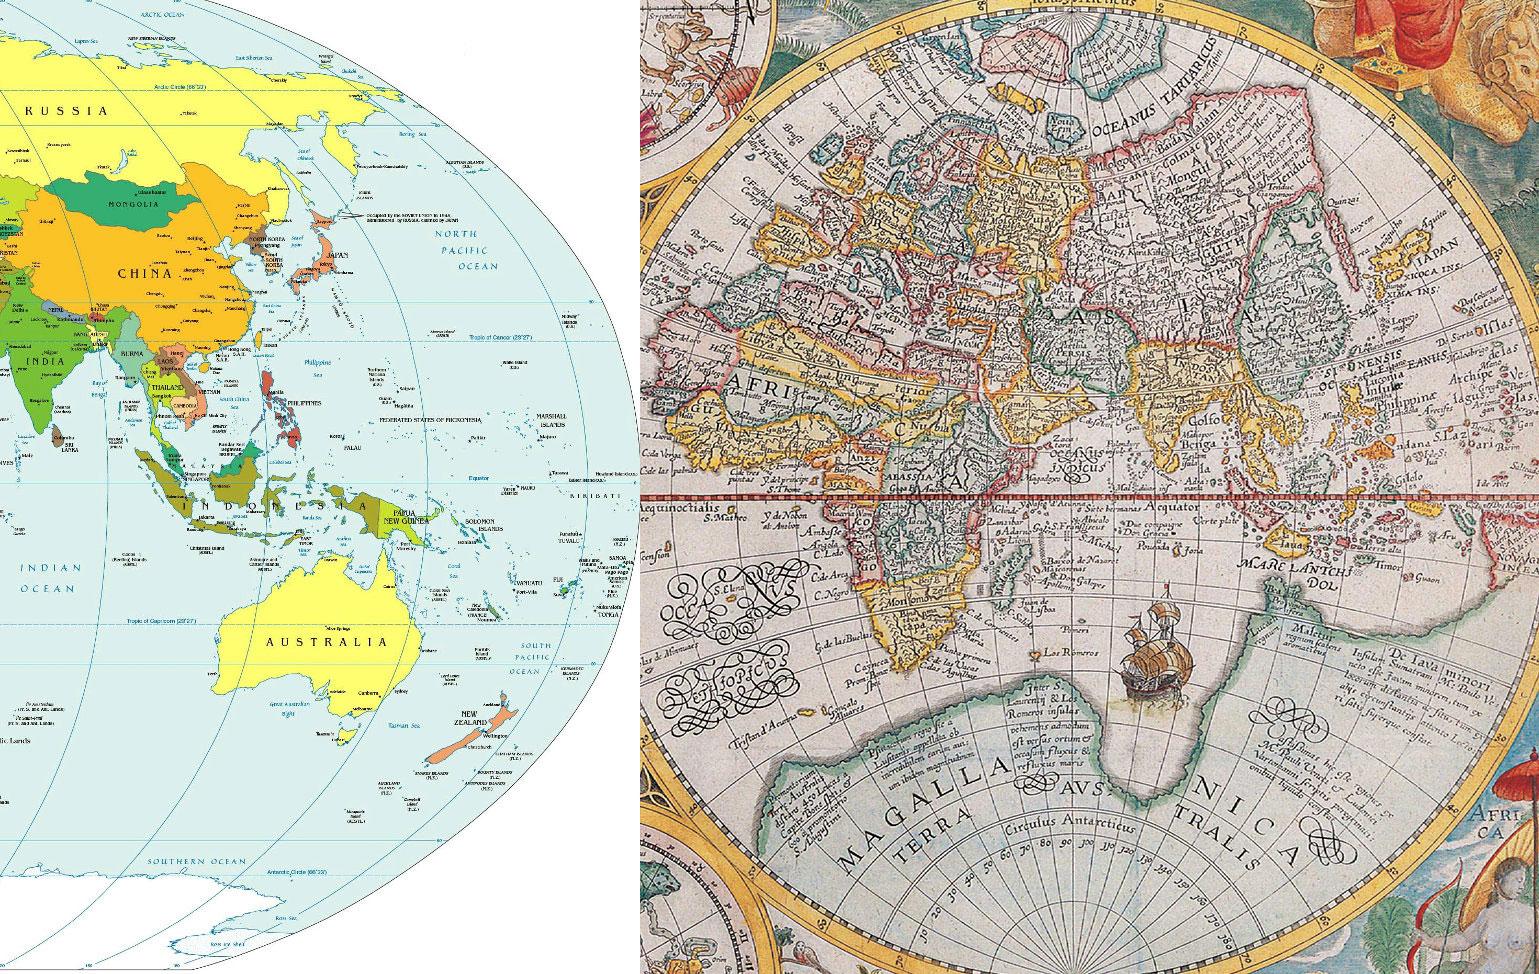 Сравнение карт Австралии